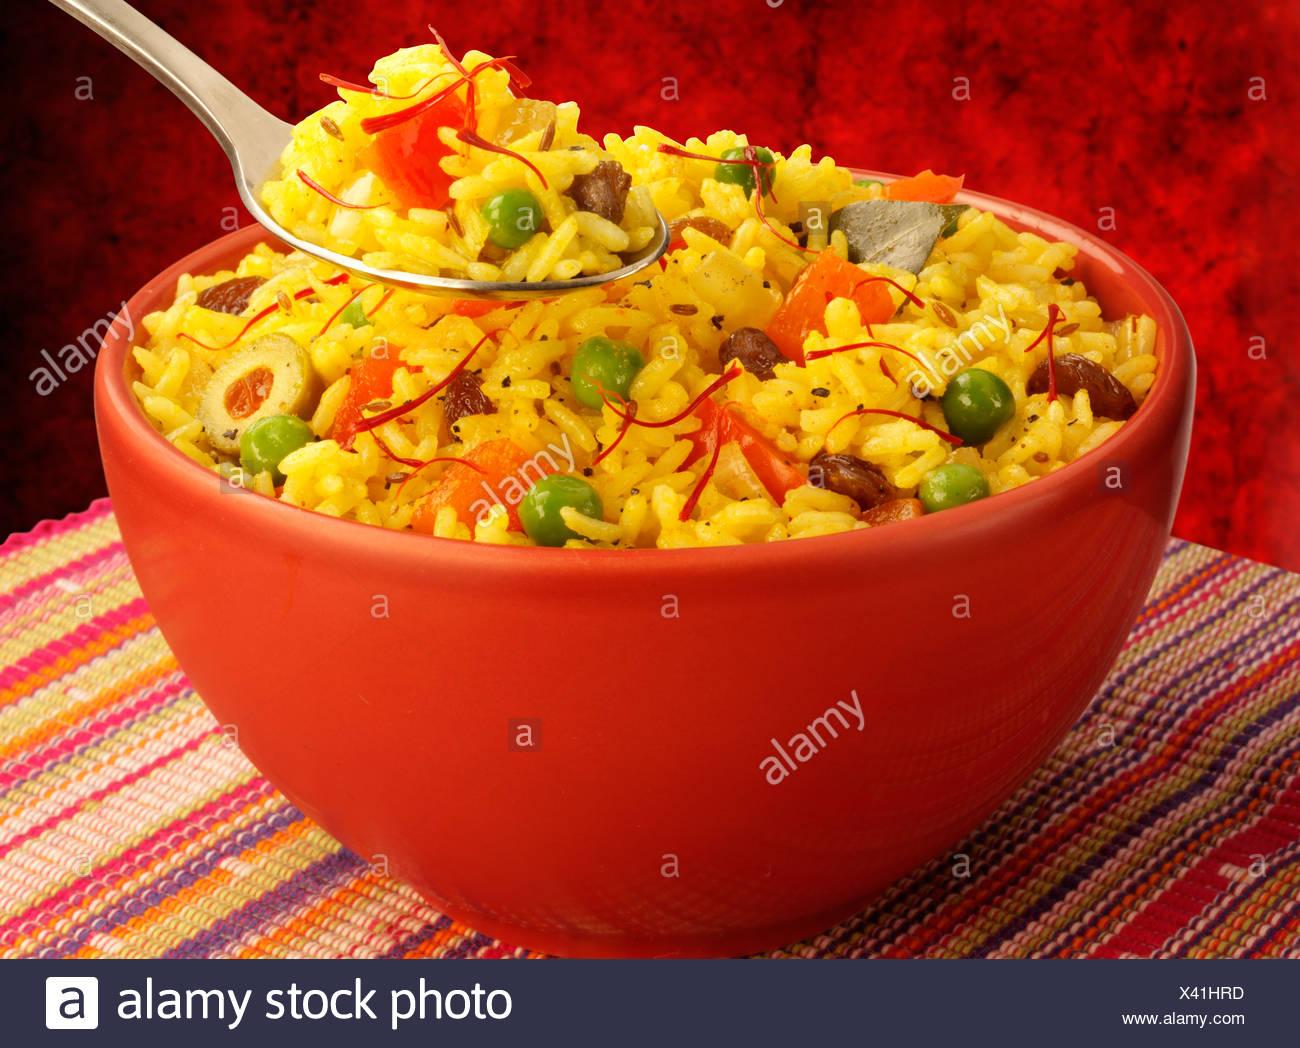 how to make spanish paella rice